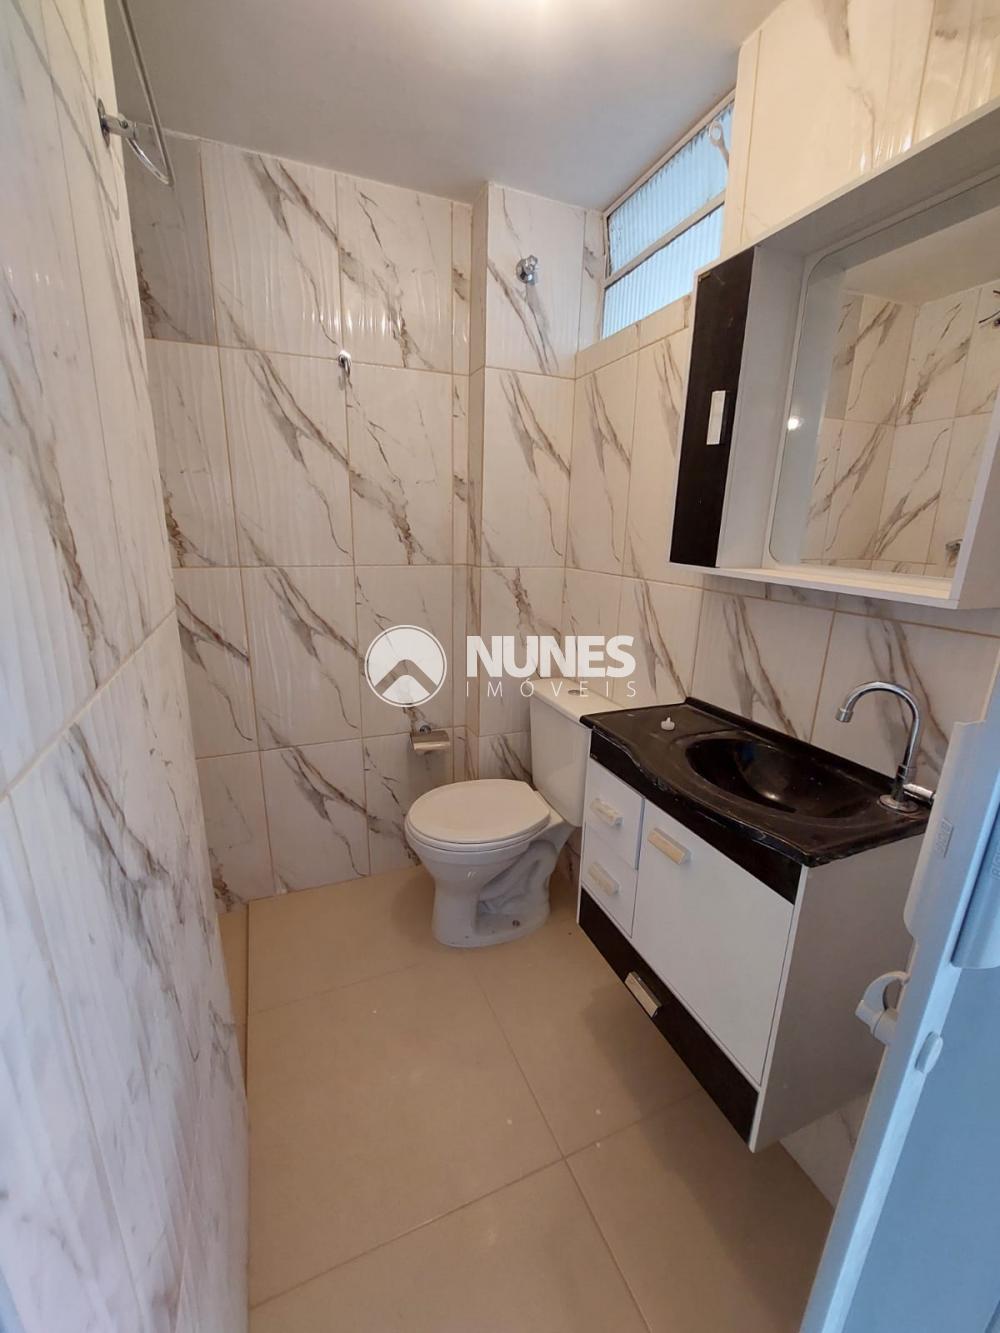 Comprar Apartamento / Padrão em Carapicuíba R$ 135.000,00 - Foto 10